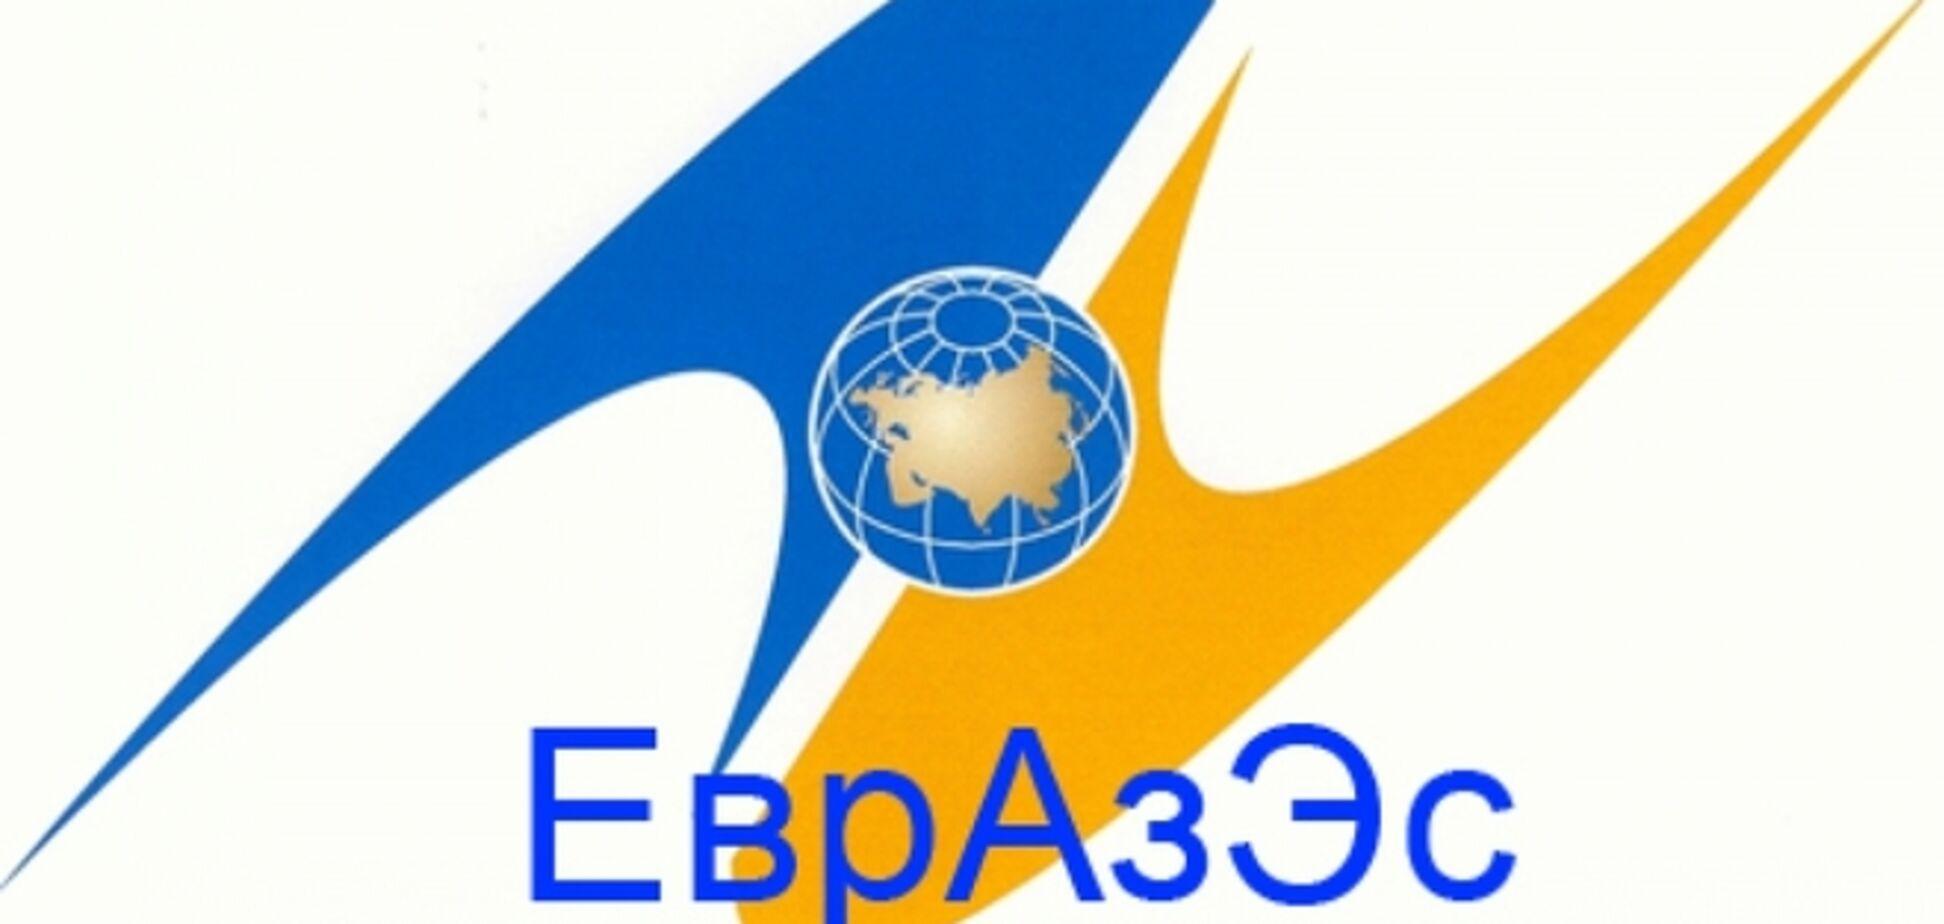 Путин попросил Думу ратифицировать договор о ЕвразЭС